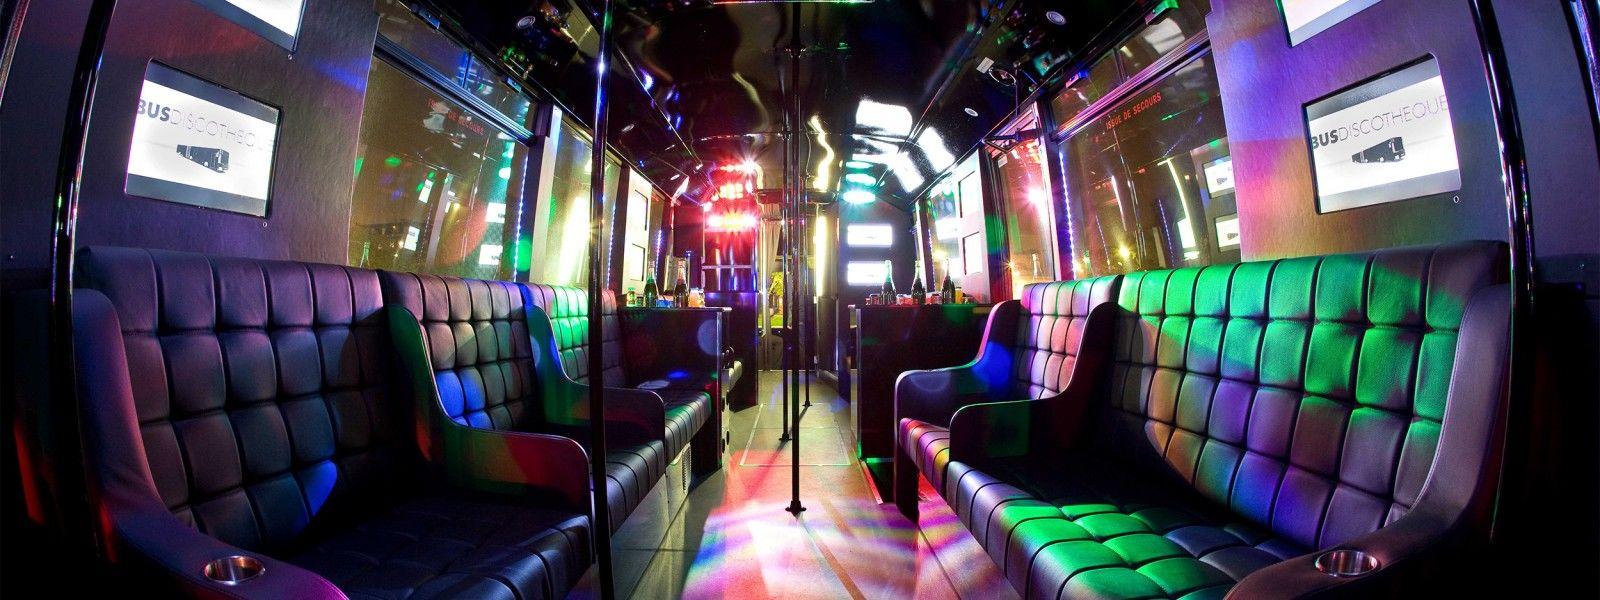 Le Bus Discothèque - Les Bus Discothèque 4